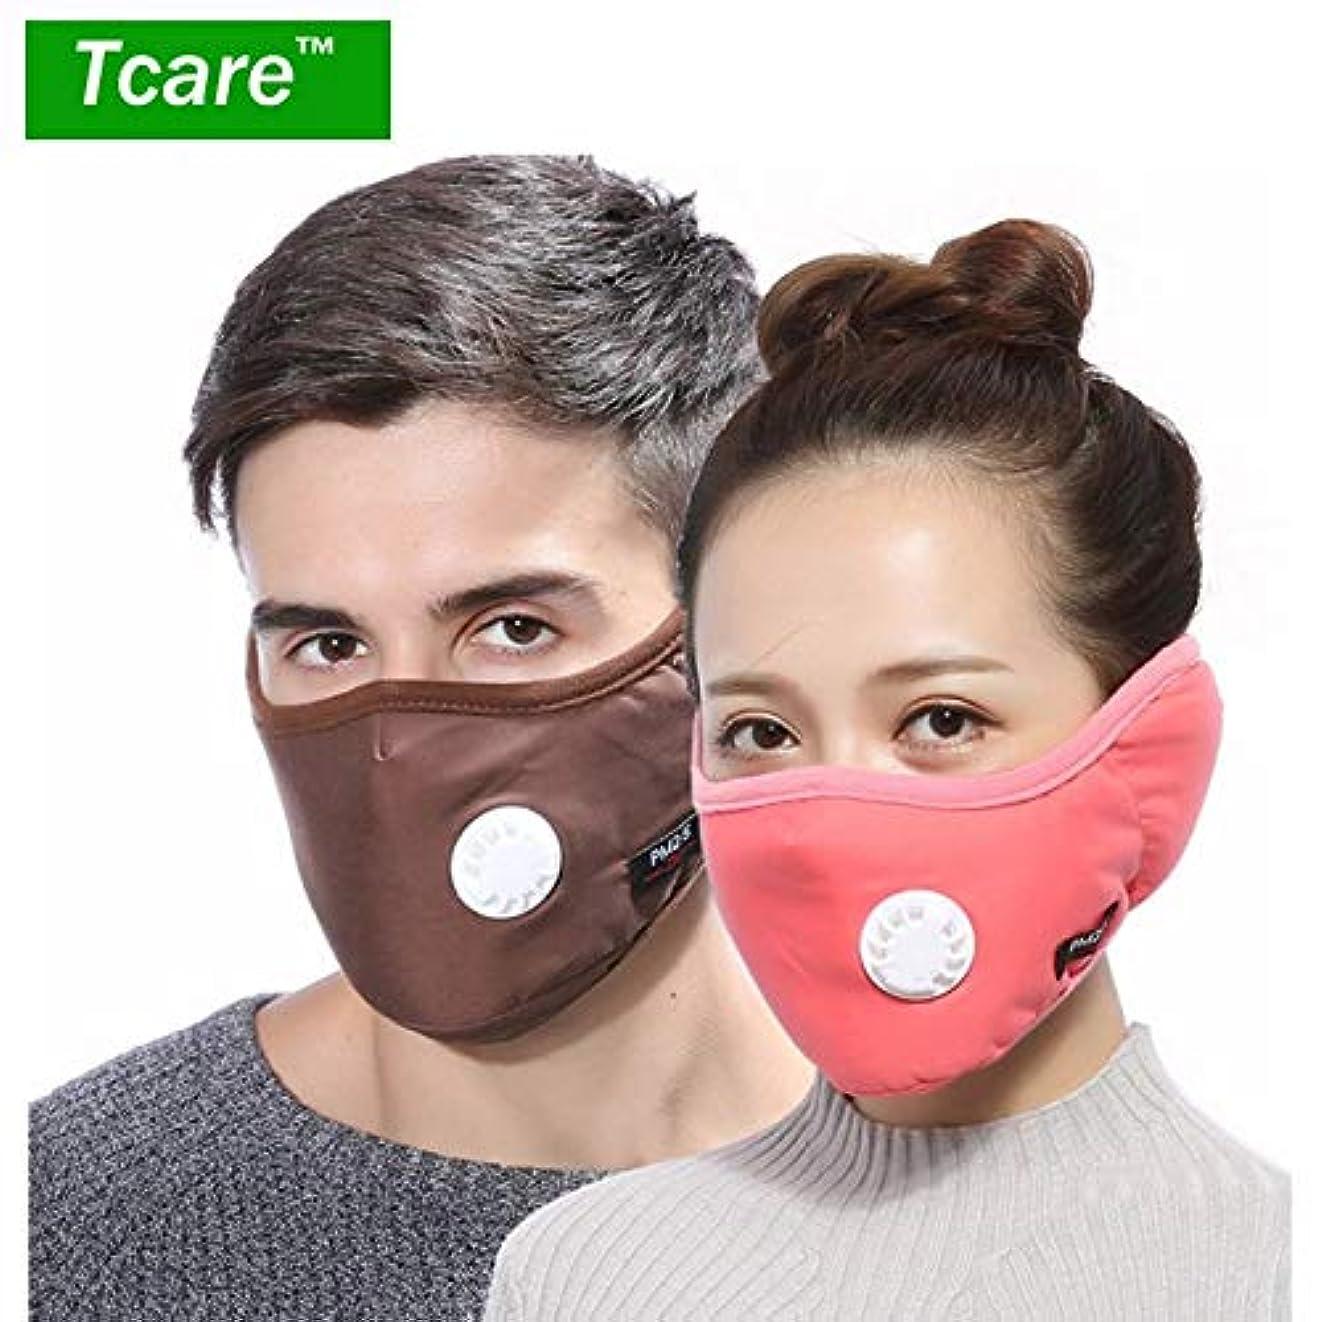 不規則性記事カンガルー7グレー:1 PM2.5マスクバルブコットンアンチダスト口マスクの冬のイヤーマフActtedフィルター付マスクでTcare 2